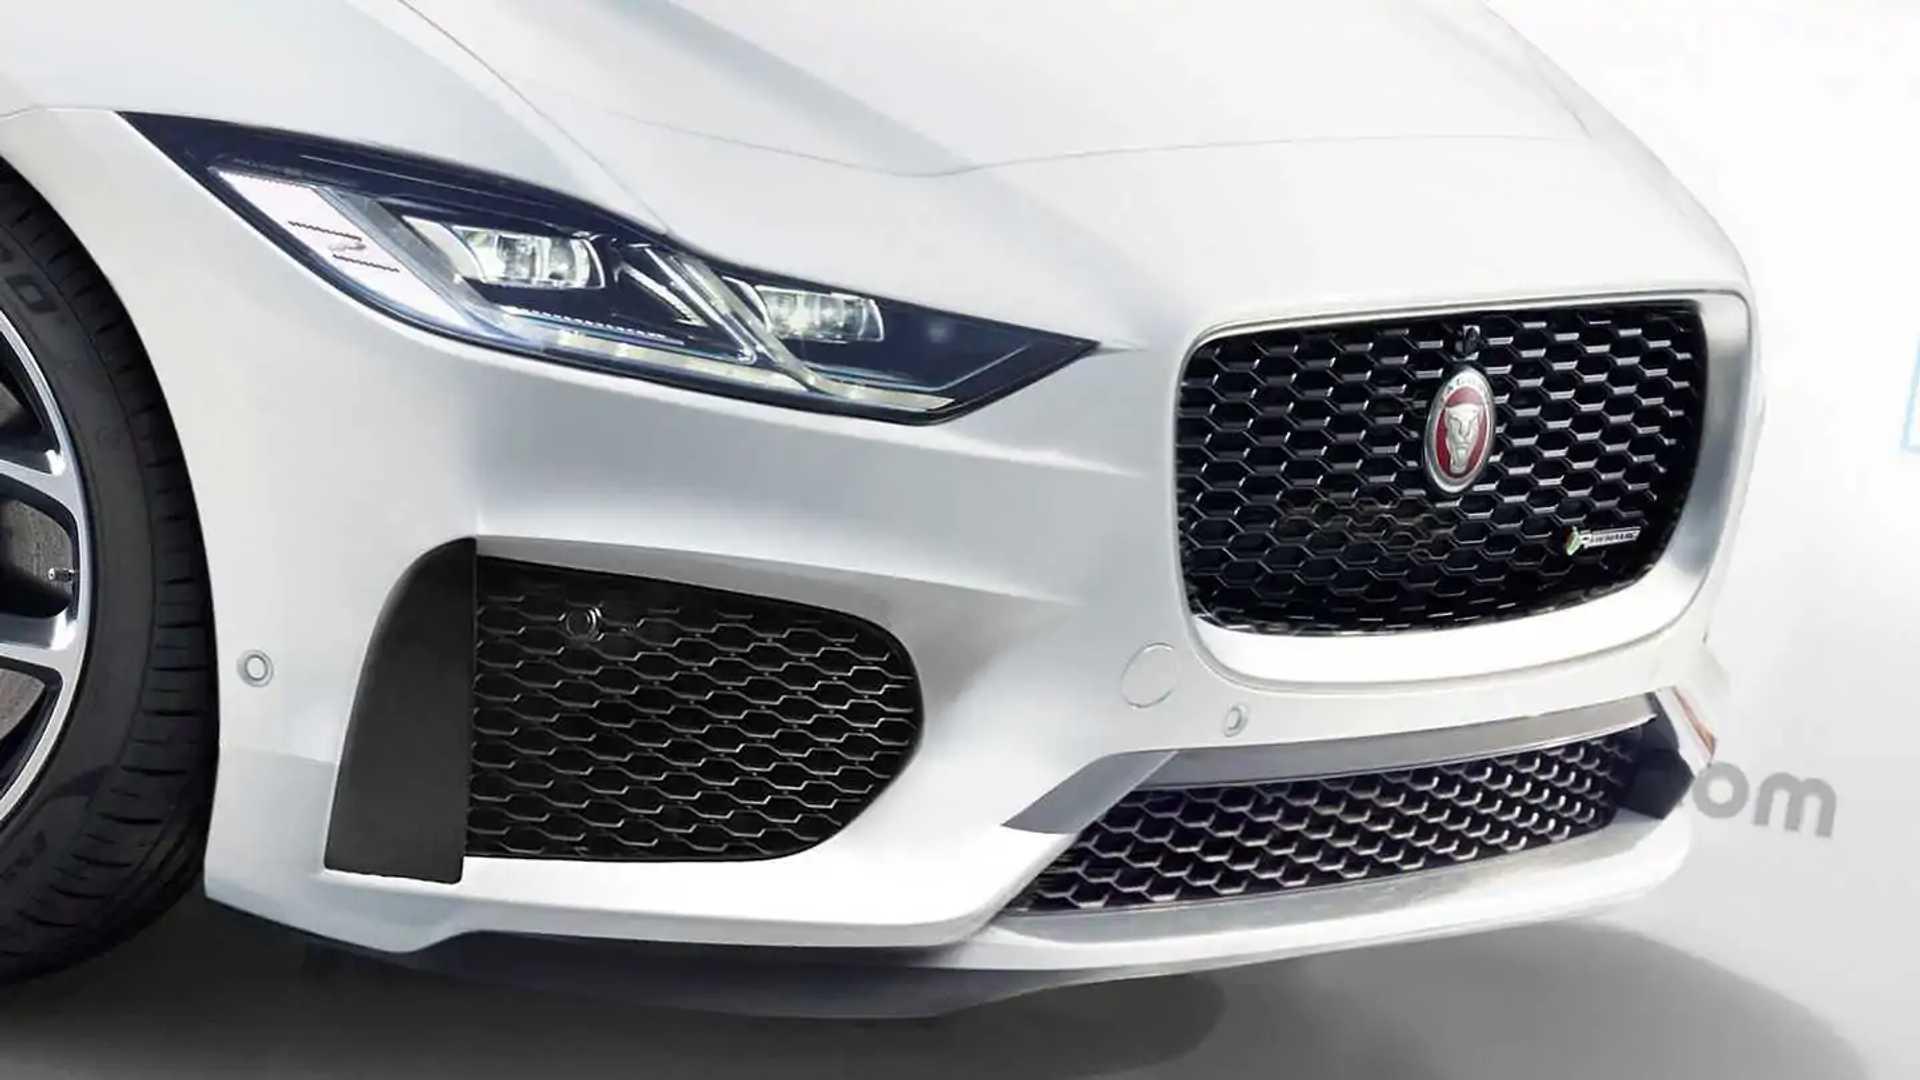 2020 Jaguar XJ Configurations